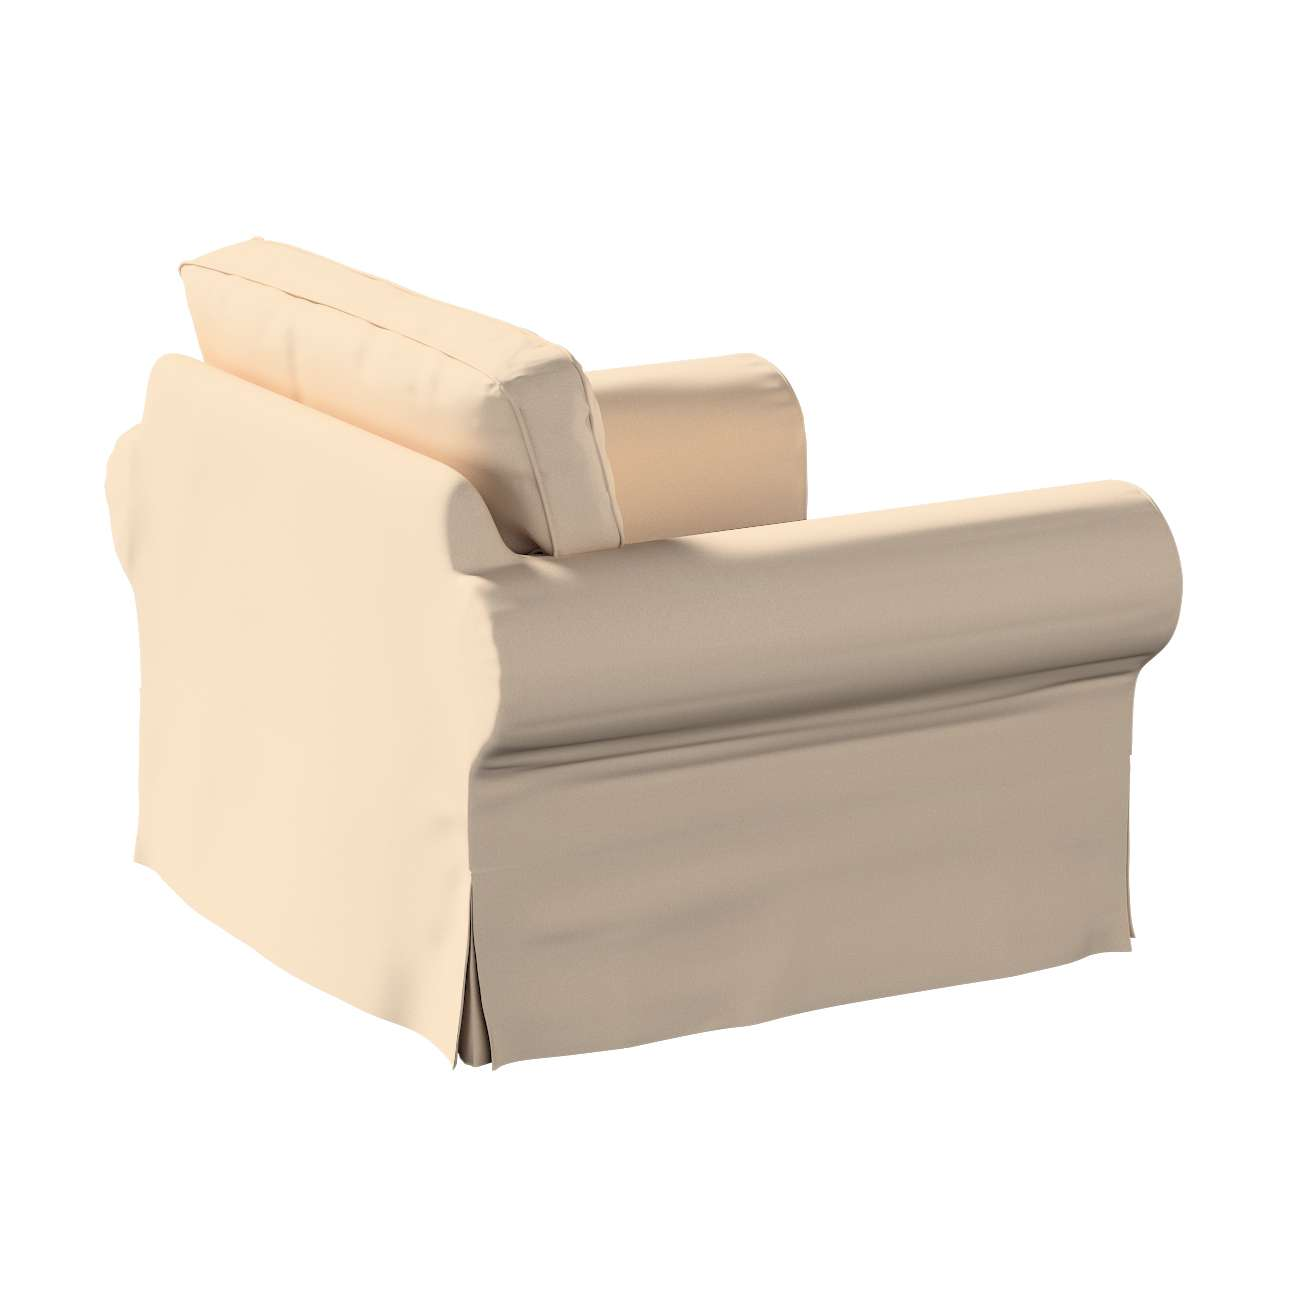 IKEA hoes voor Ektorp fauteuil van de collectie Living, Stof: 160-61